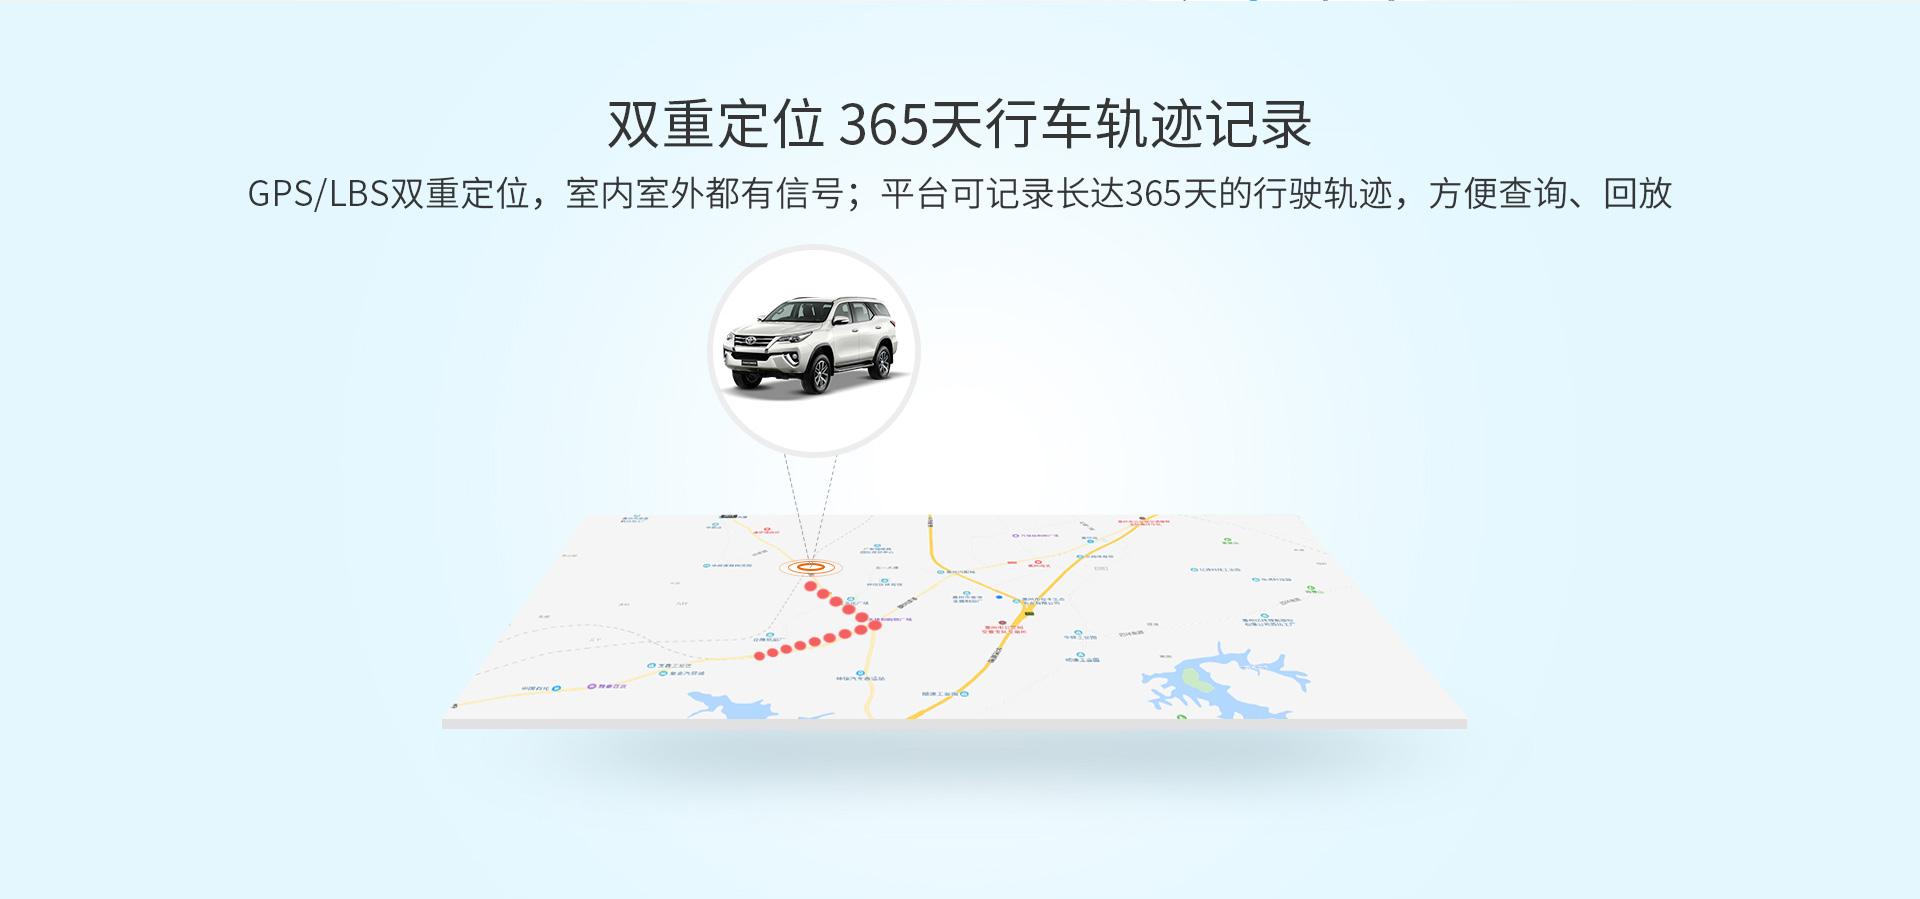 GPS万博客户端手机 北斗万博客户端手机 车辆万博客户端手机监控 车载视频监控 人员万博客户端手机